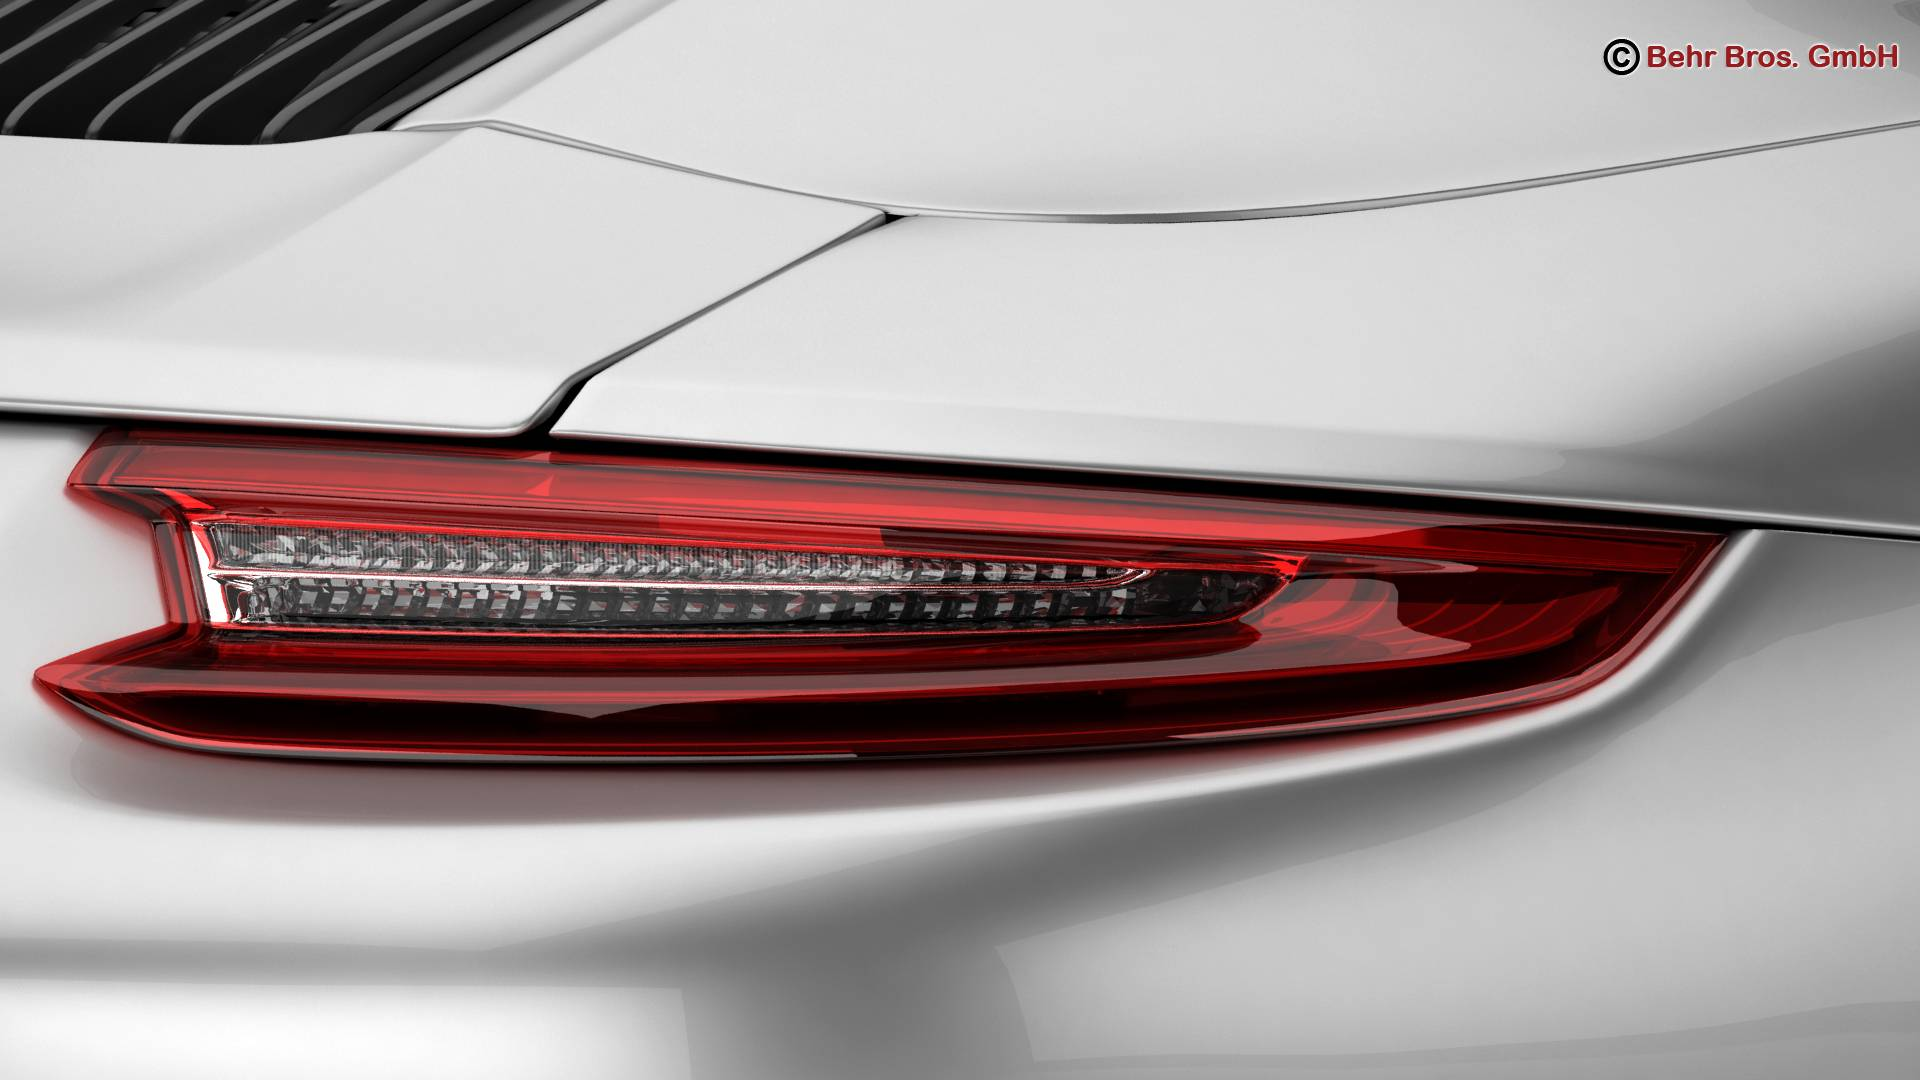 porsche 911 carrera cabriolet 2017 3d líkan 3ds max fbx c4d lwo ma mb obj 220799